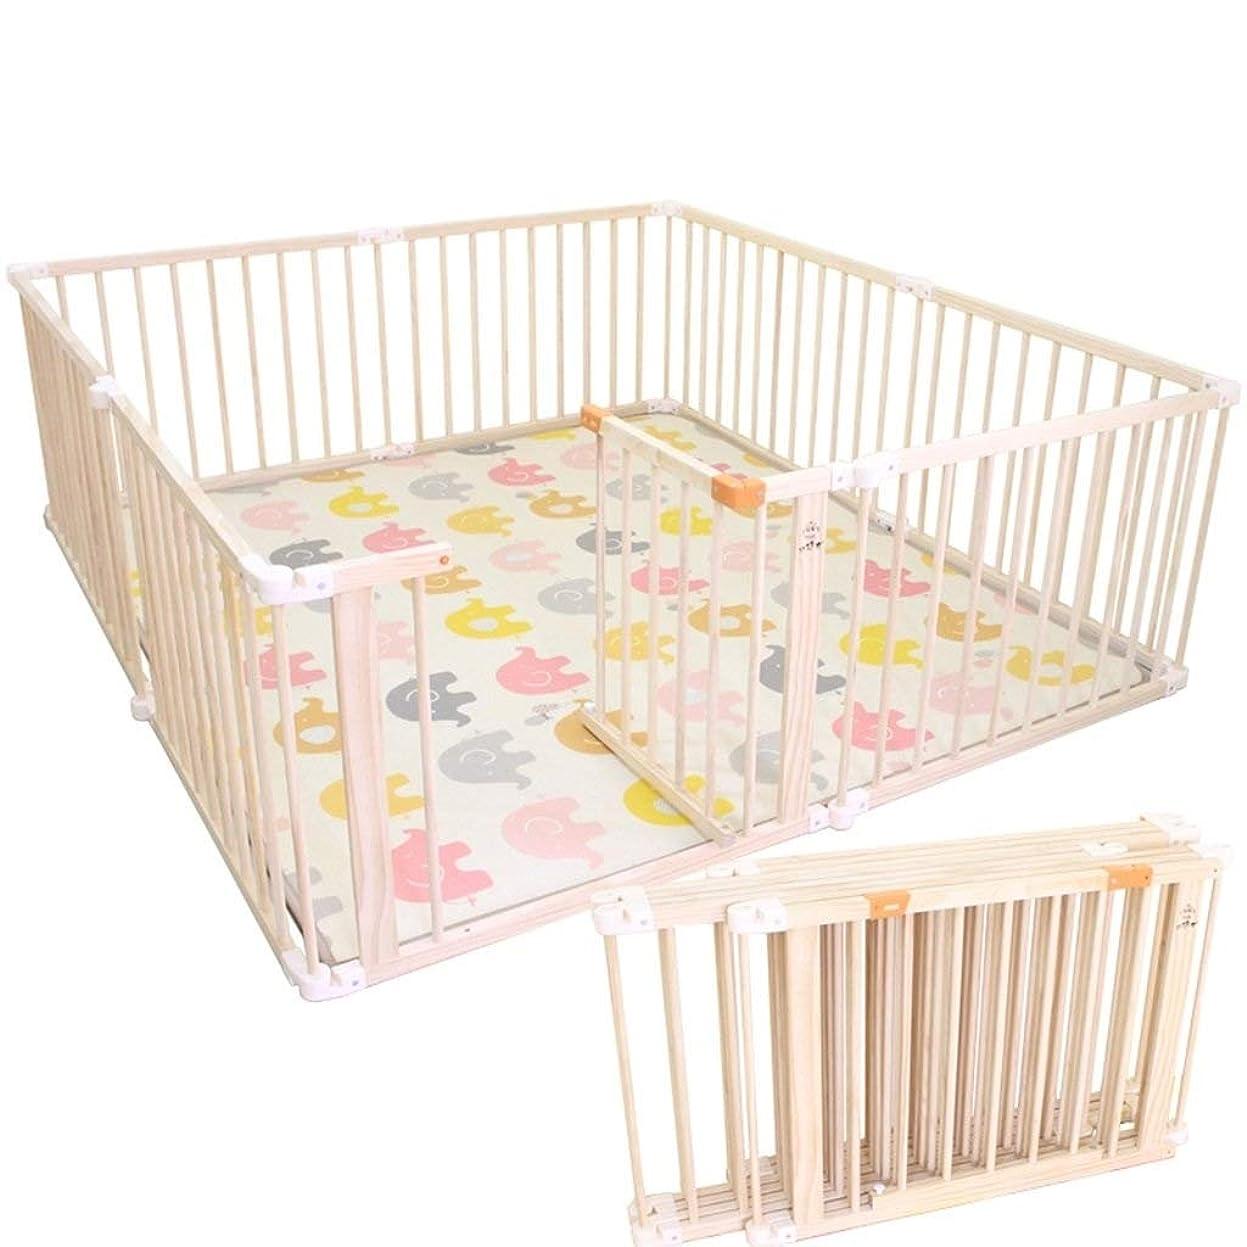 群れ起きろバンクPNFP ゲート付きの大きな木製の子供の安全ベビーサークル-幼児屋外エリアの家、高さ66CMのアクティビティエリアフェンス (Size : 160×200×66cm)